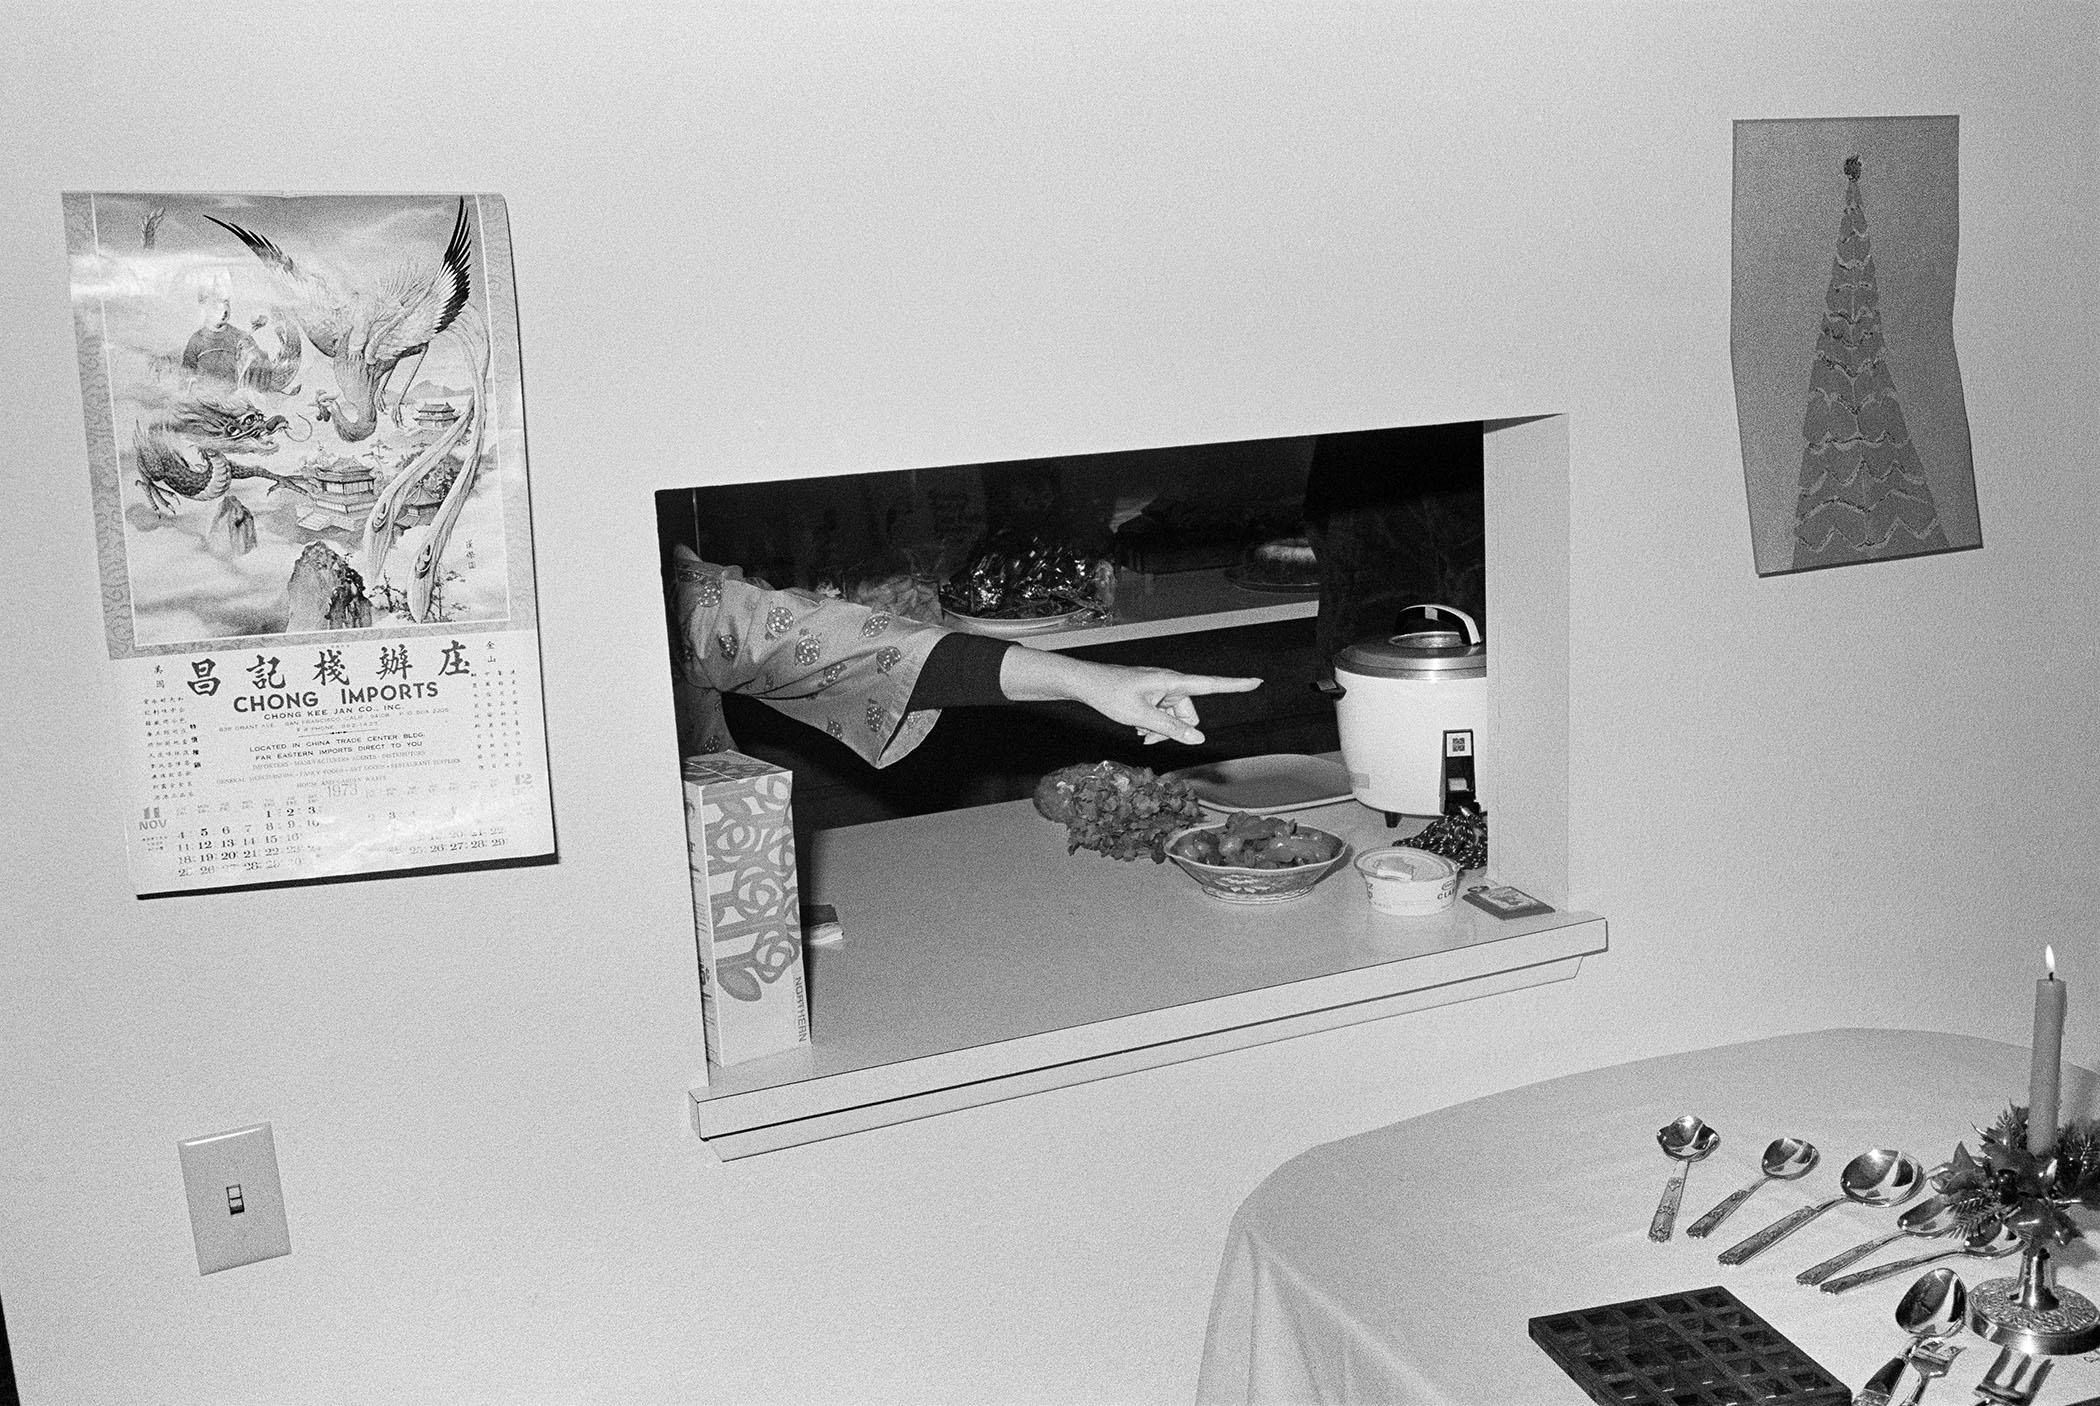 HOLIDAY PREPARATIONS, 1973 © Michael Jang